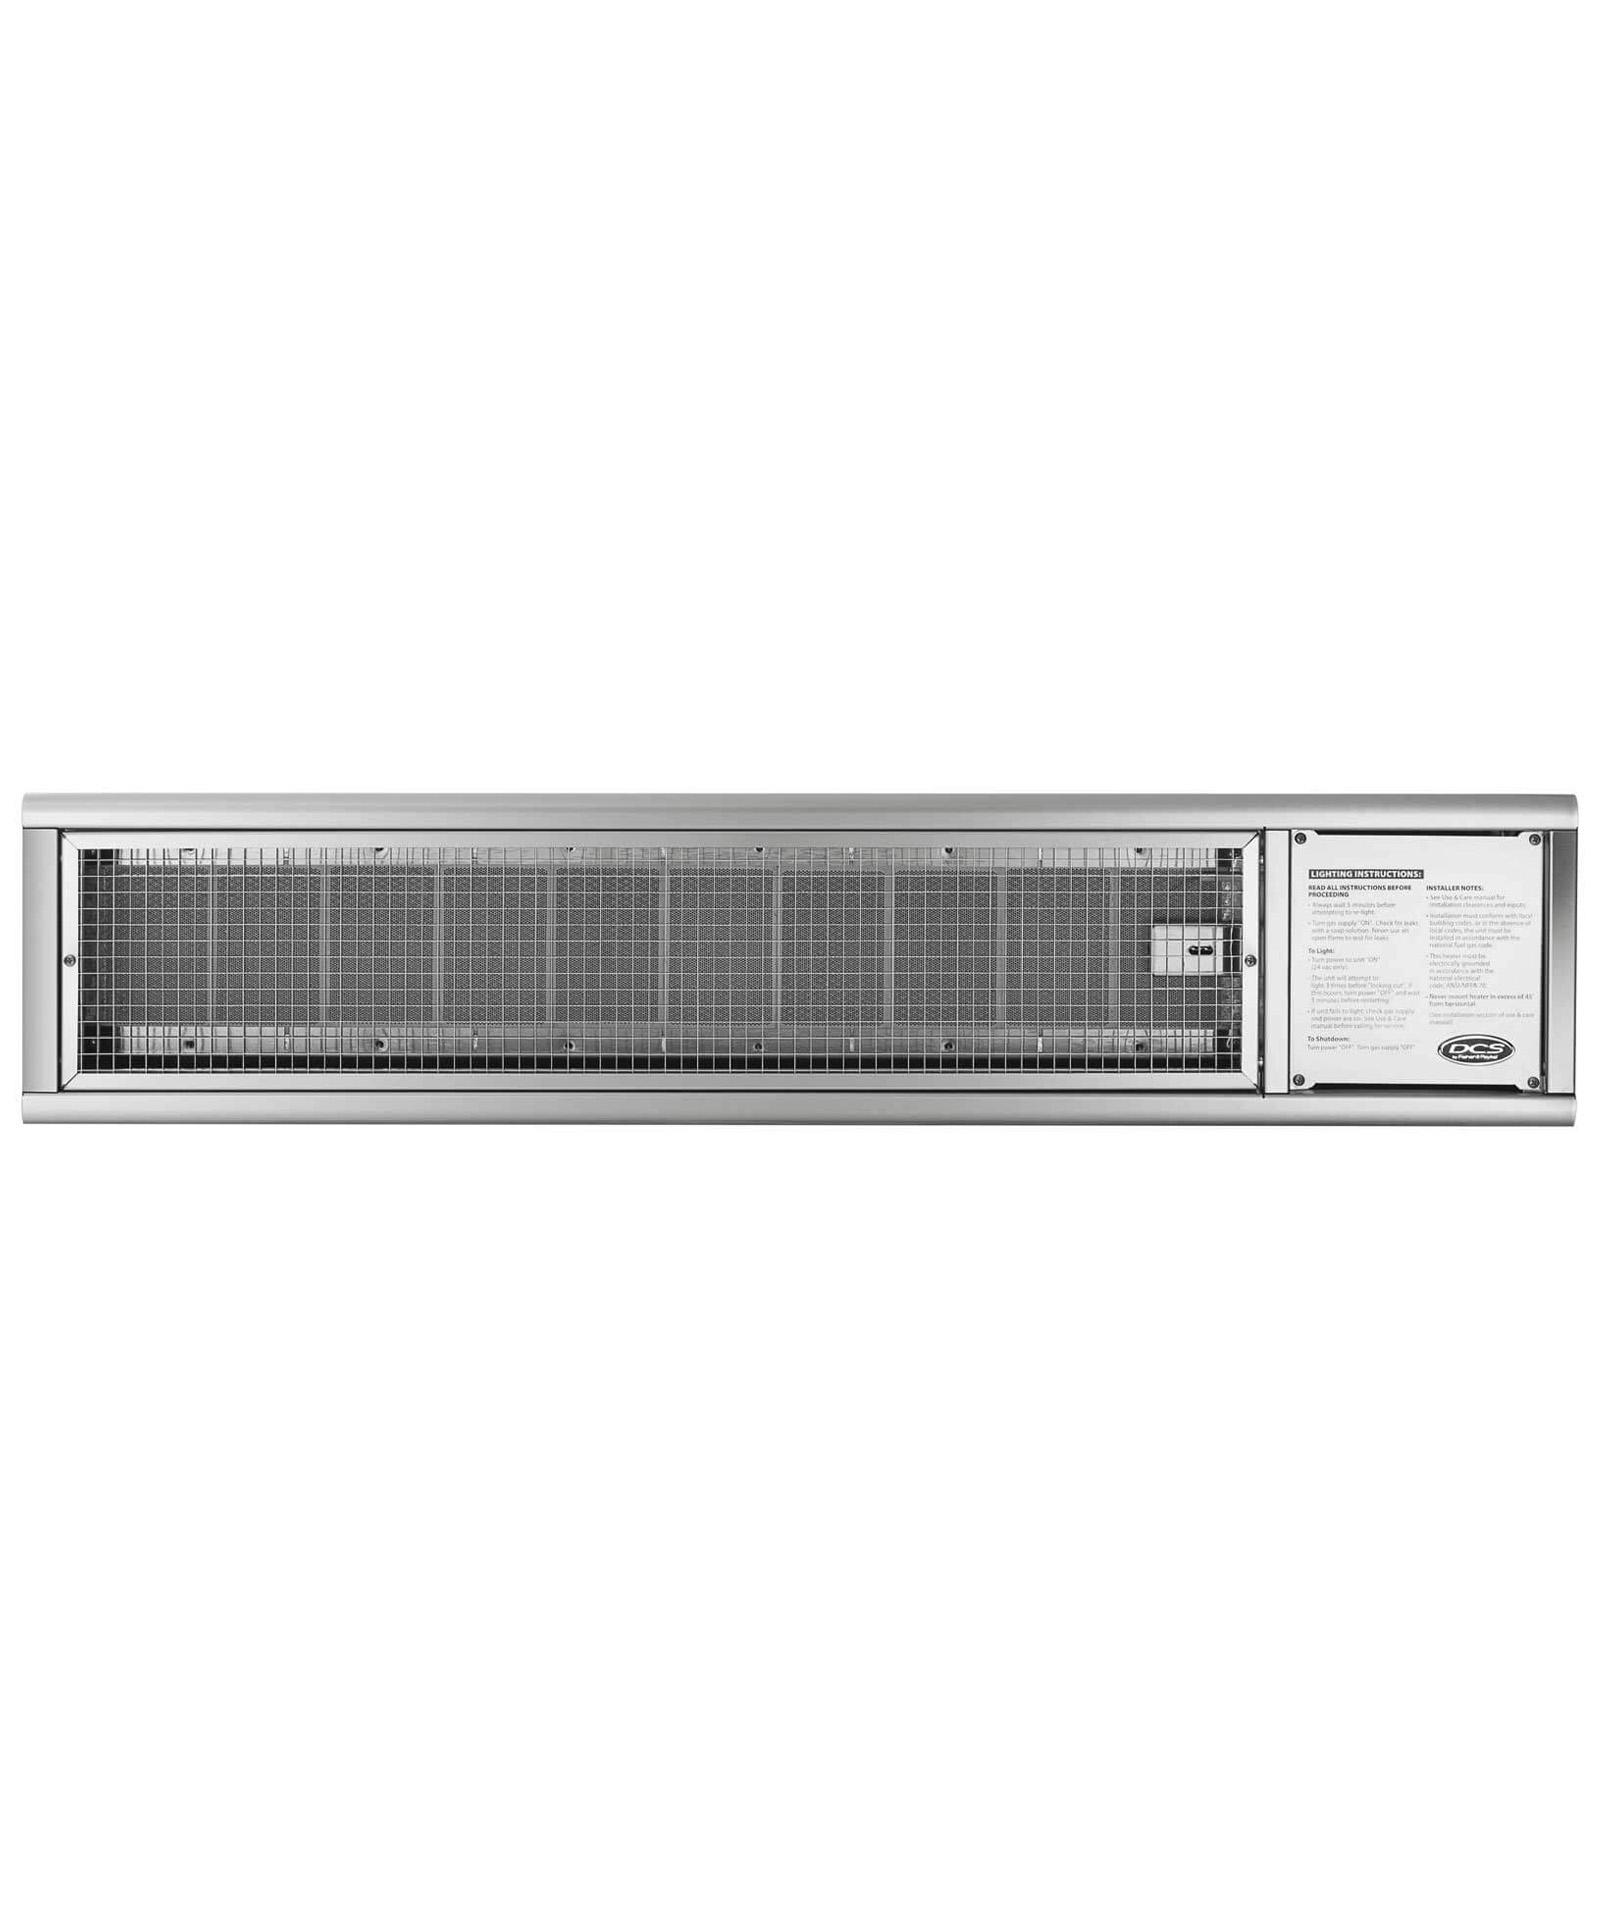 Model: DRH-48N | DCS Patio Heater - Built in